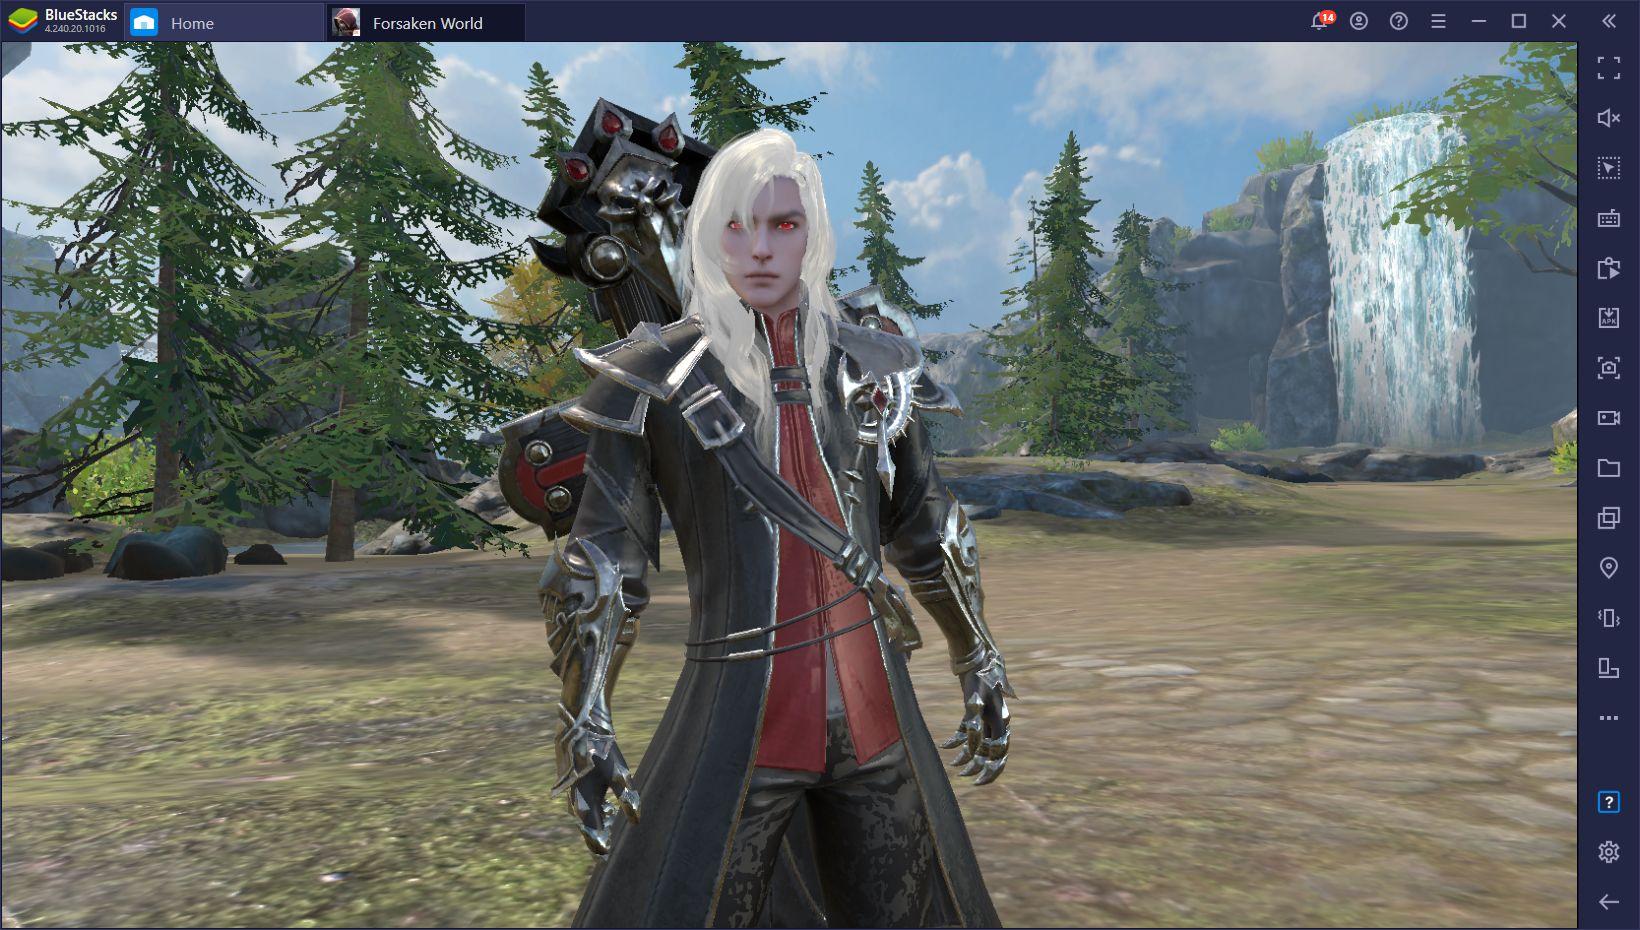 Forsaken World:Gods and Demons désormais disponible sur PC avec BlueStacks